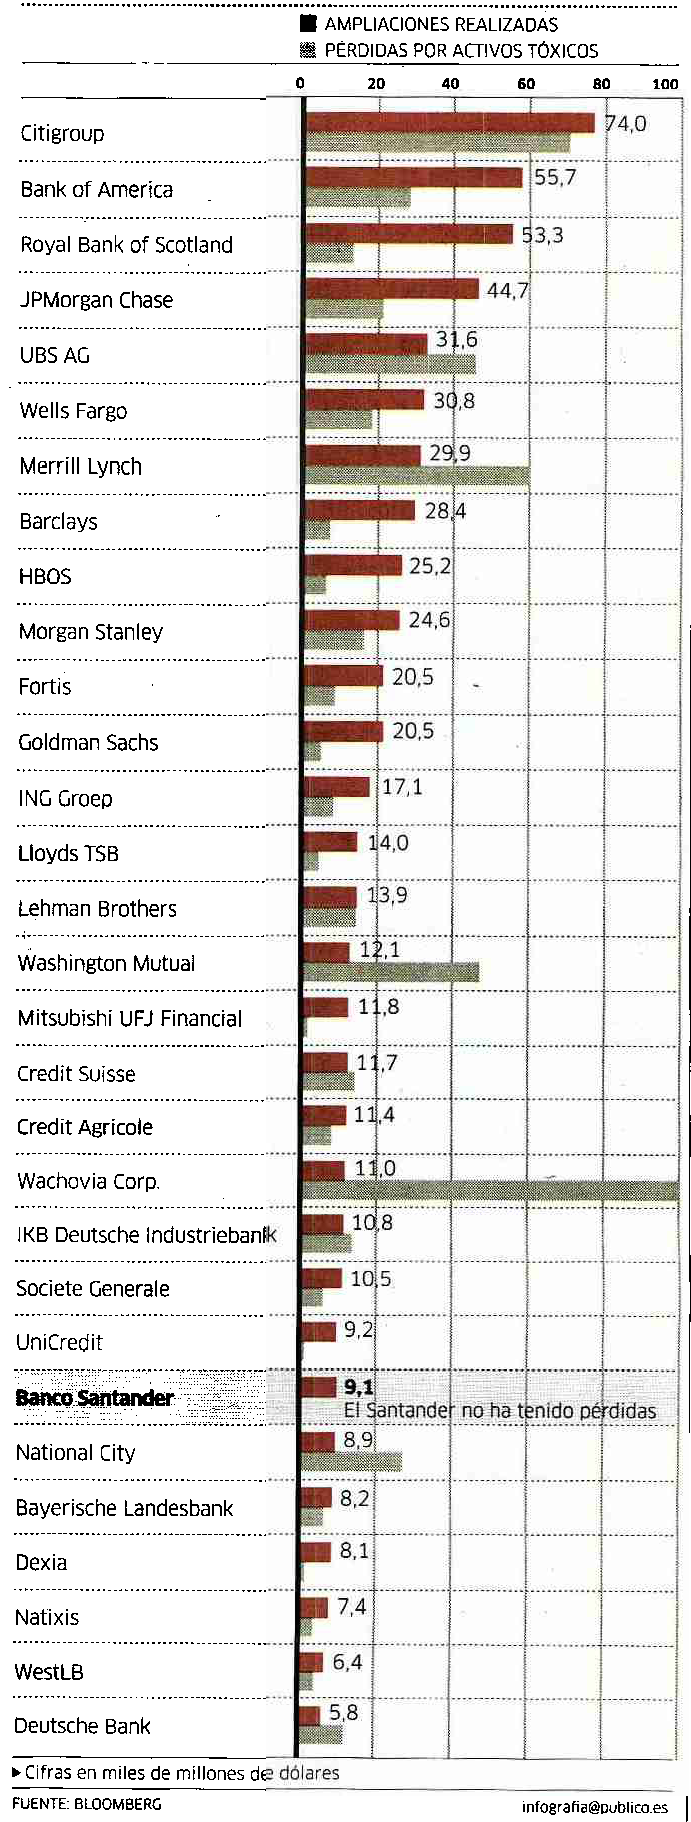 gráfica de bancos según perdidas y según ampliaciones de capital en 2008